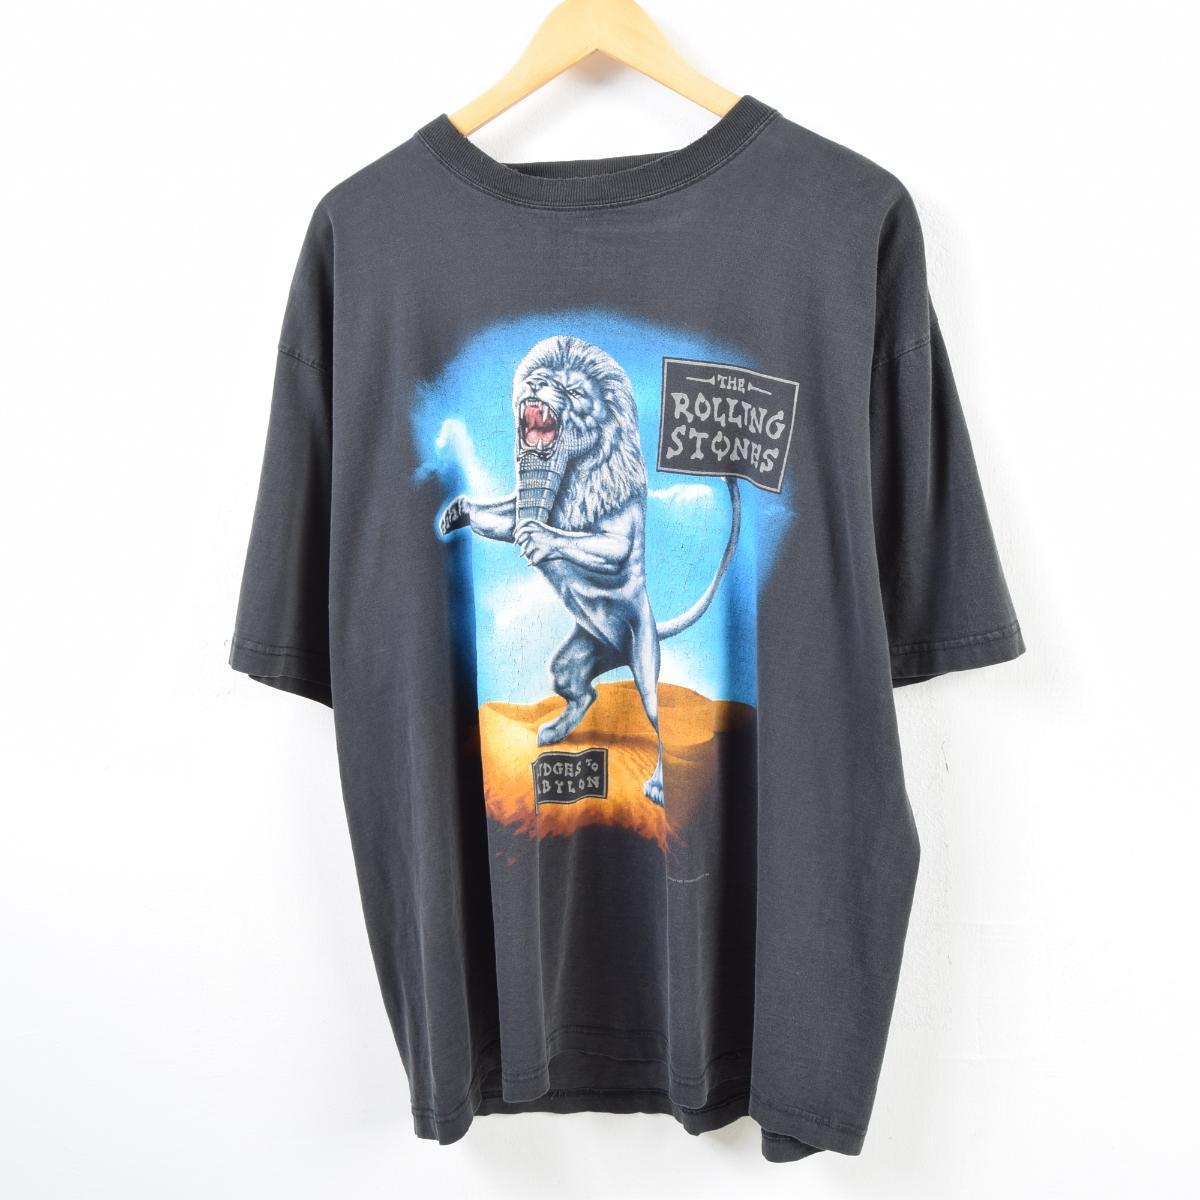 ザ ローリングストーンズバンドTシャツ